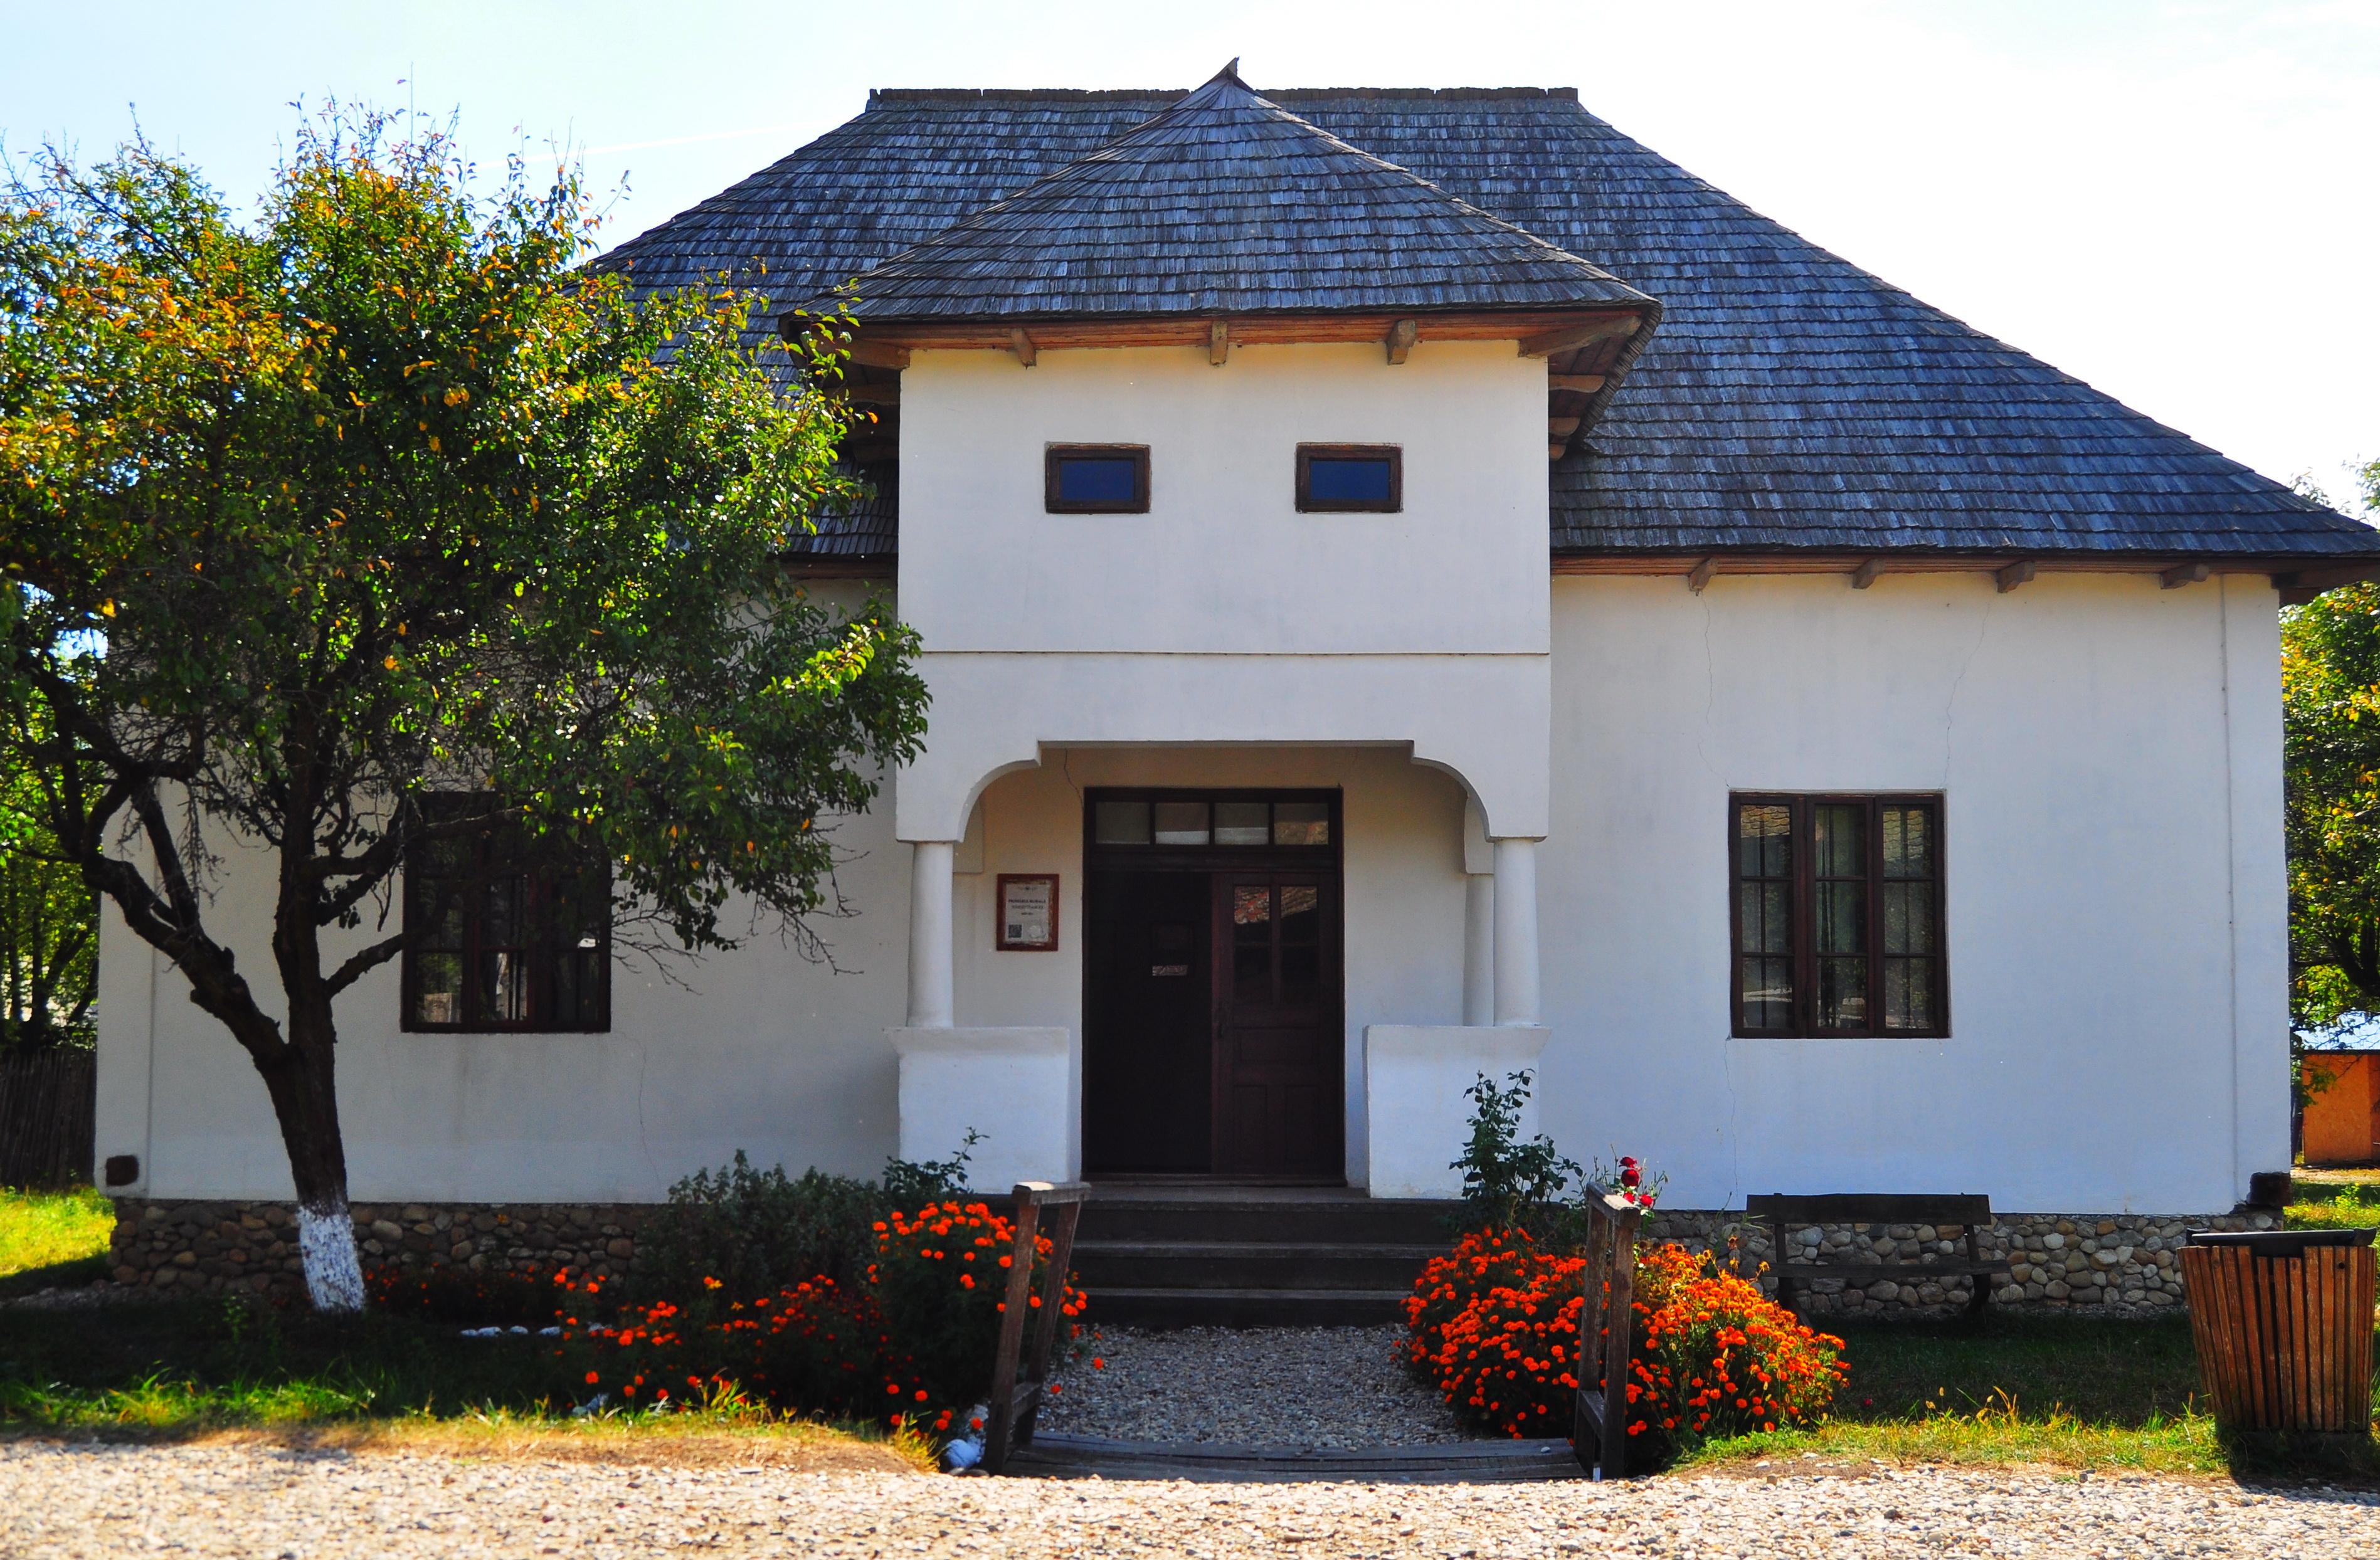 Primăria. Muzeul Viticulturii şi Pomiculturii Goleşti